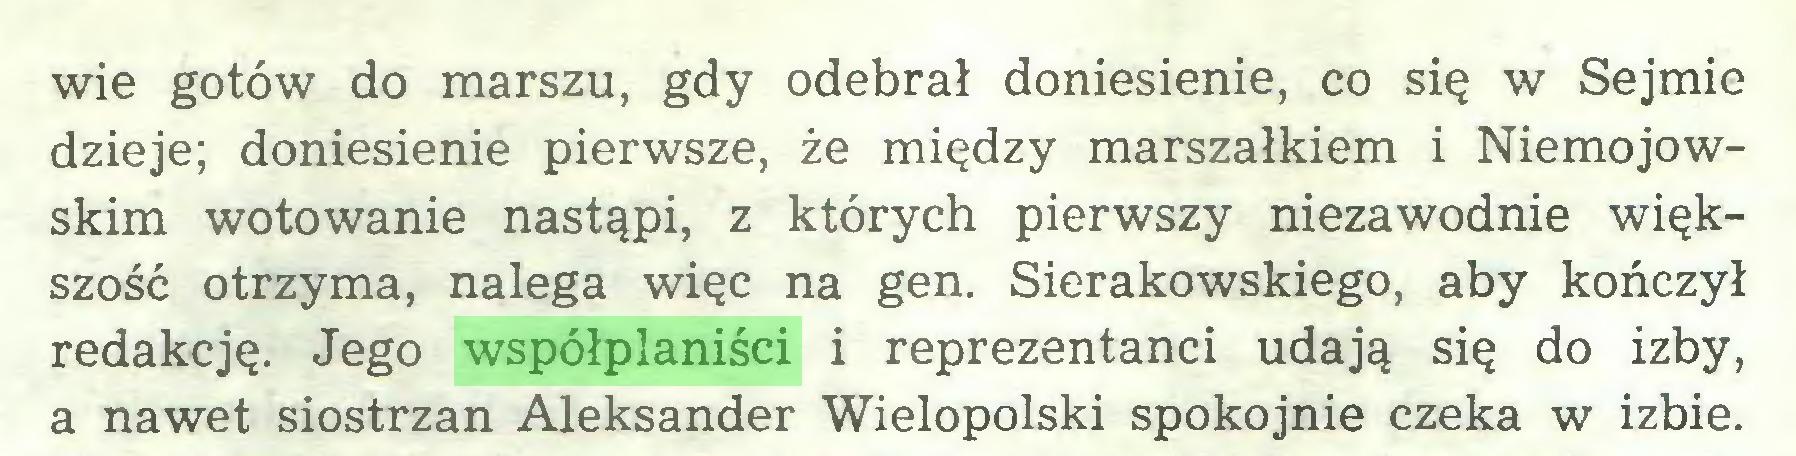 (...) wie gotów do marszu, gdy odebrał doniesienie, co się w Sejmie dzieje; doniesienie pierwsze, że między marszałkiem i Niemojowskim wotowanie nastąpi, z których pierwszy niezawodnie większość otrzyma, nalega więc na gen. Sierakowskiego, aby kończył redakcję. Jego współplaniści i reprezentanci udają się do izby, a nawet siostrzan Aleksander Wielopolski spokojnie czeka w izbie...